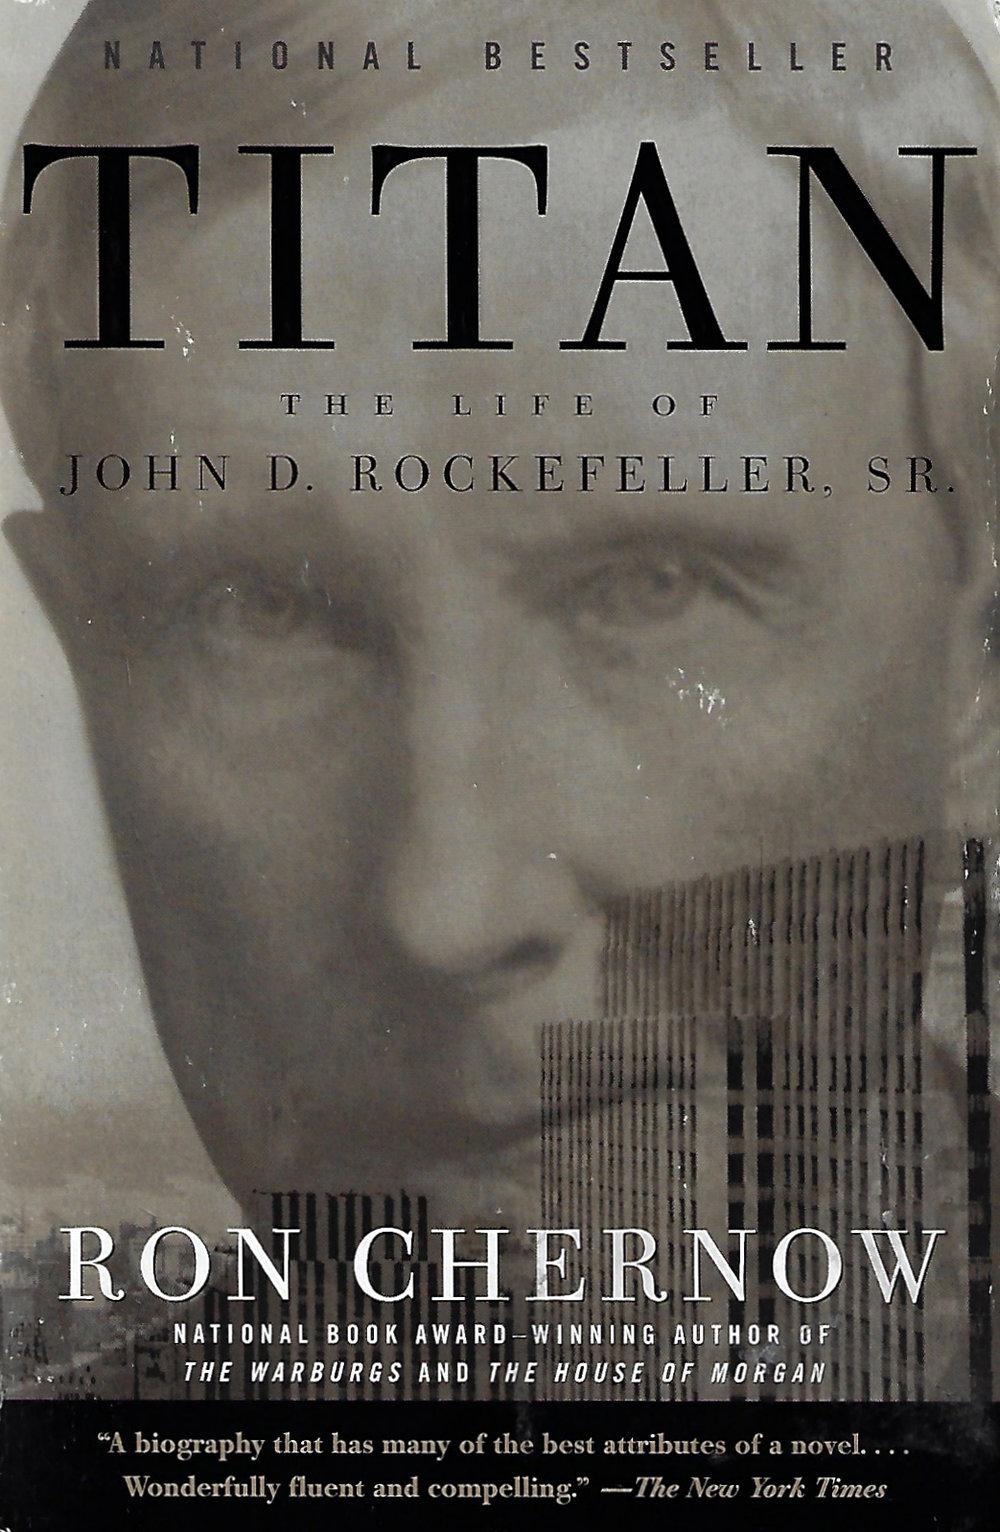 Titan: The Life of John D. Rockefeller, Sr.  by Ron Chernow, 1998